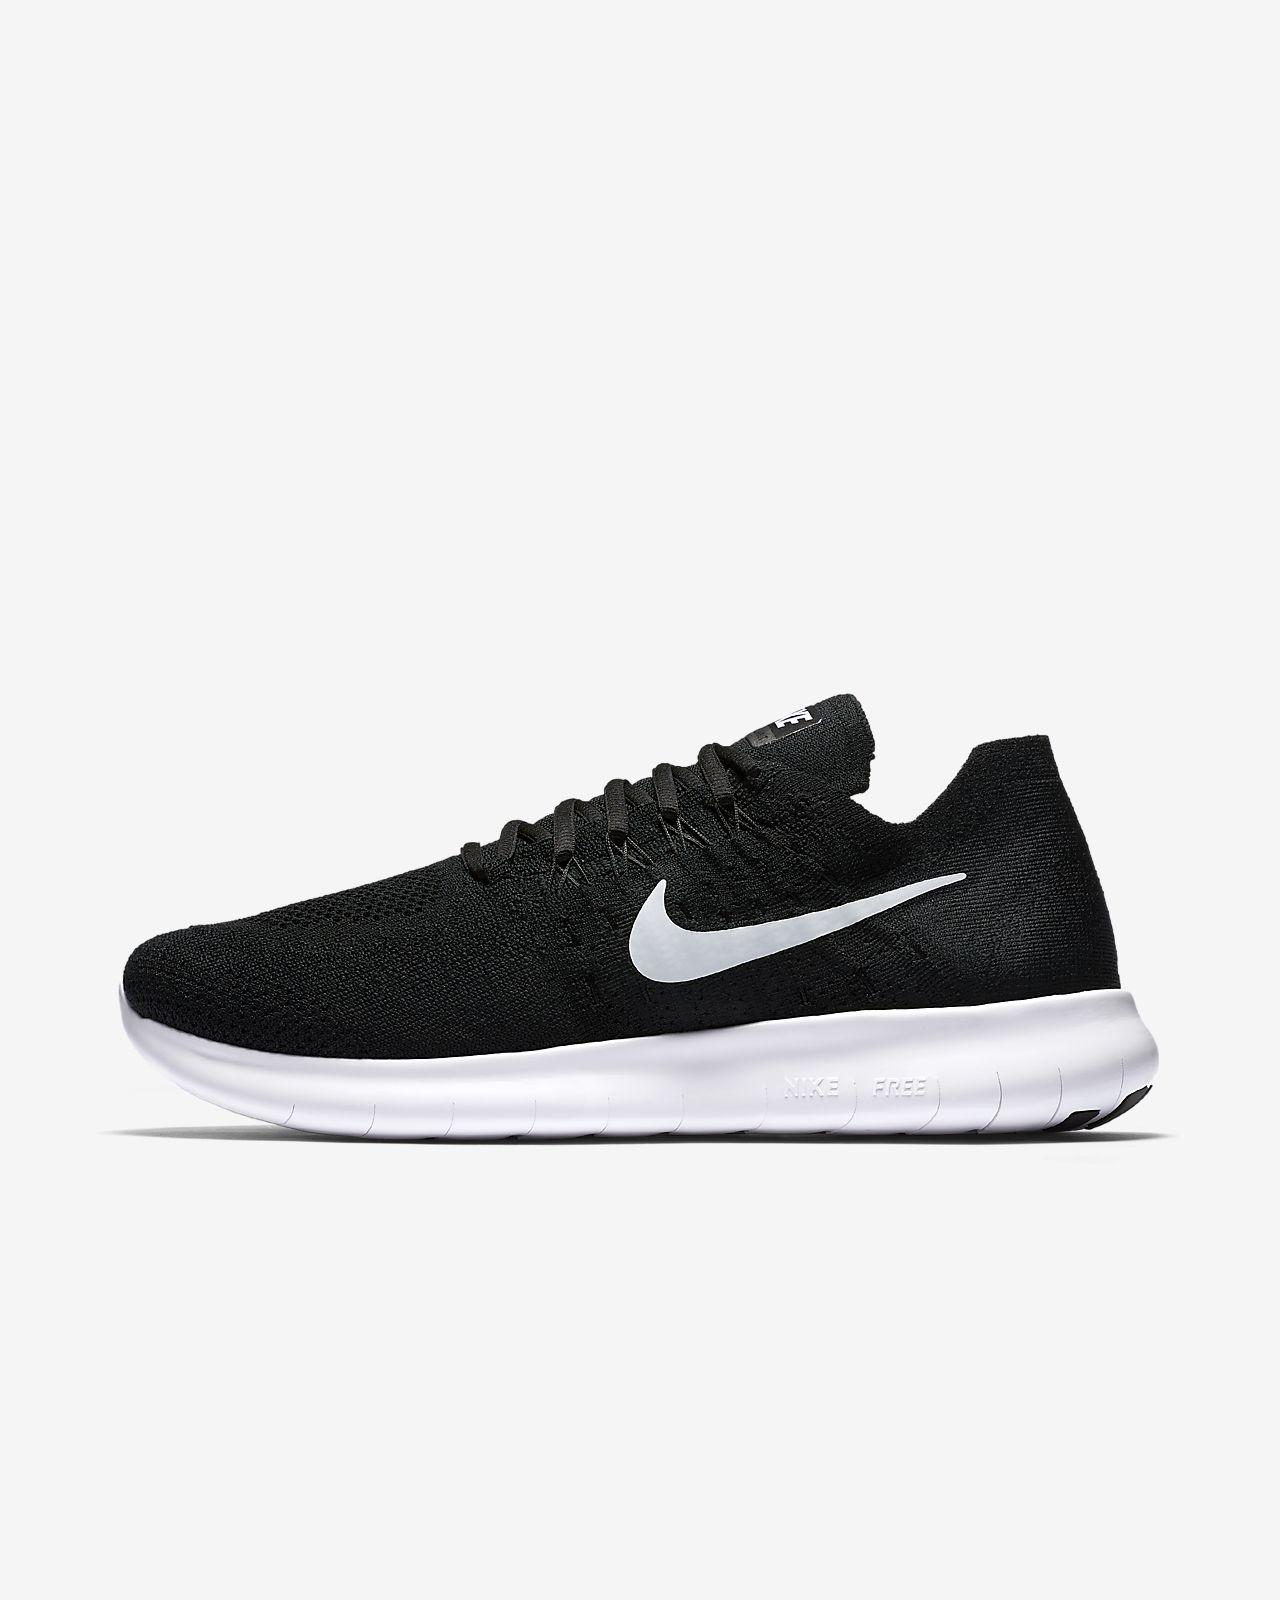 Nike Libre Rn Flyknit 2017 E5t22hym